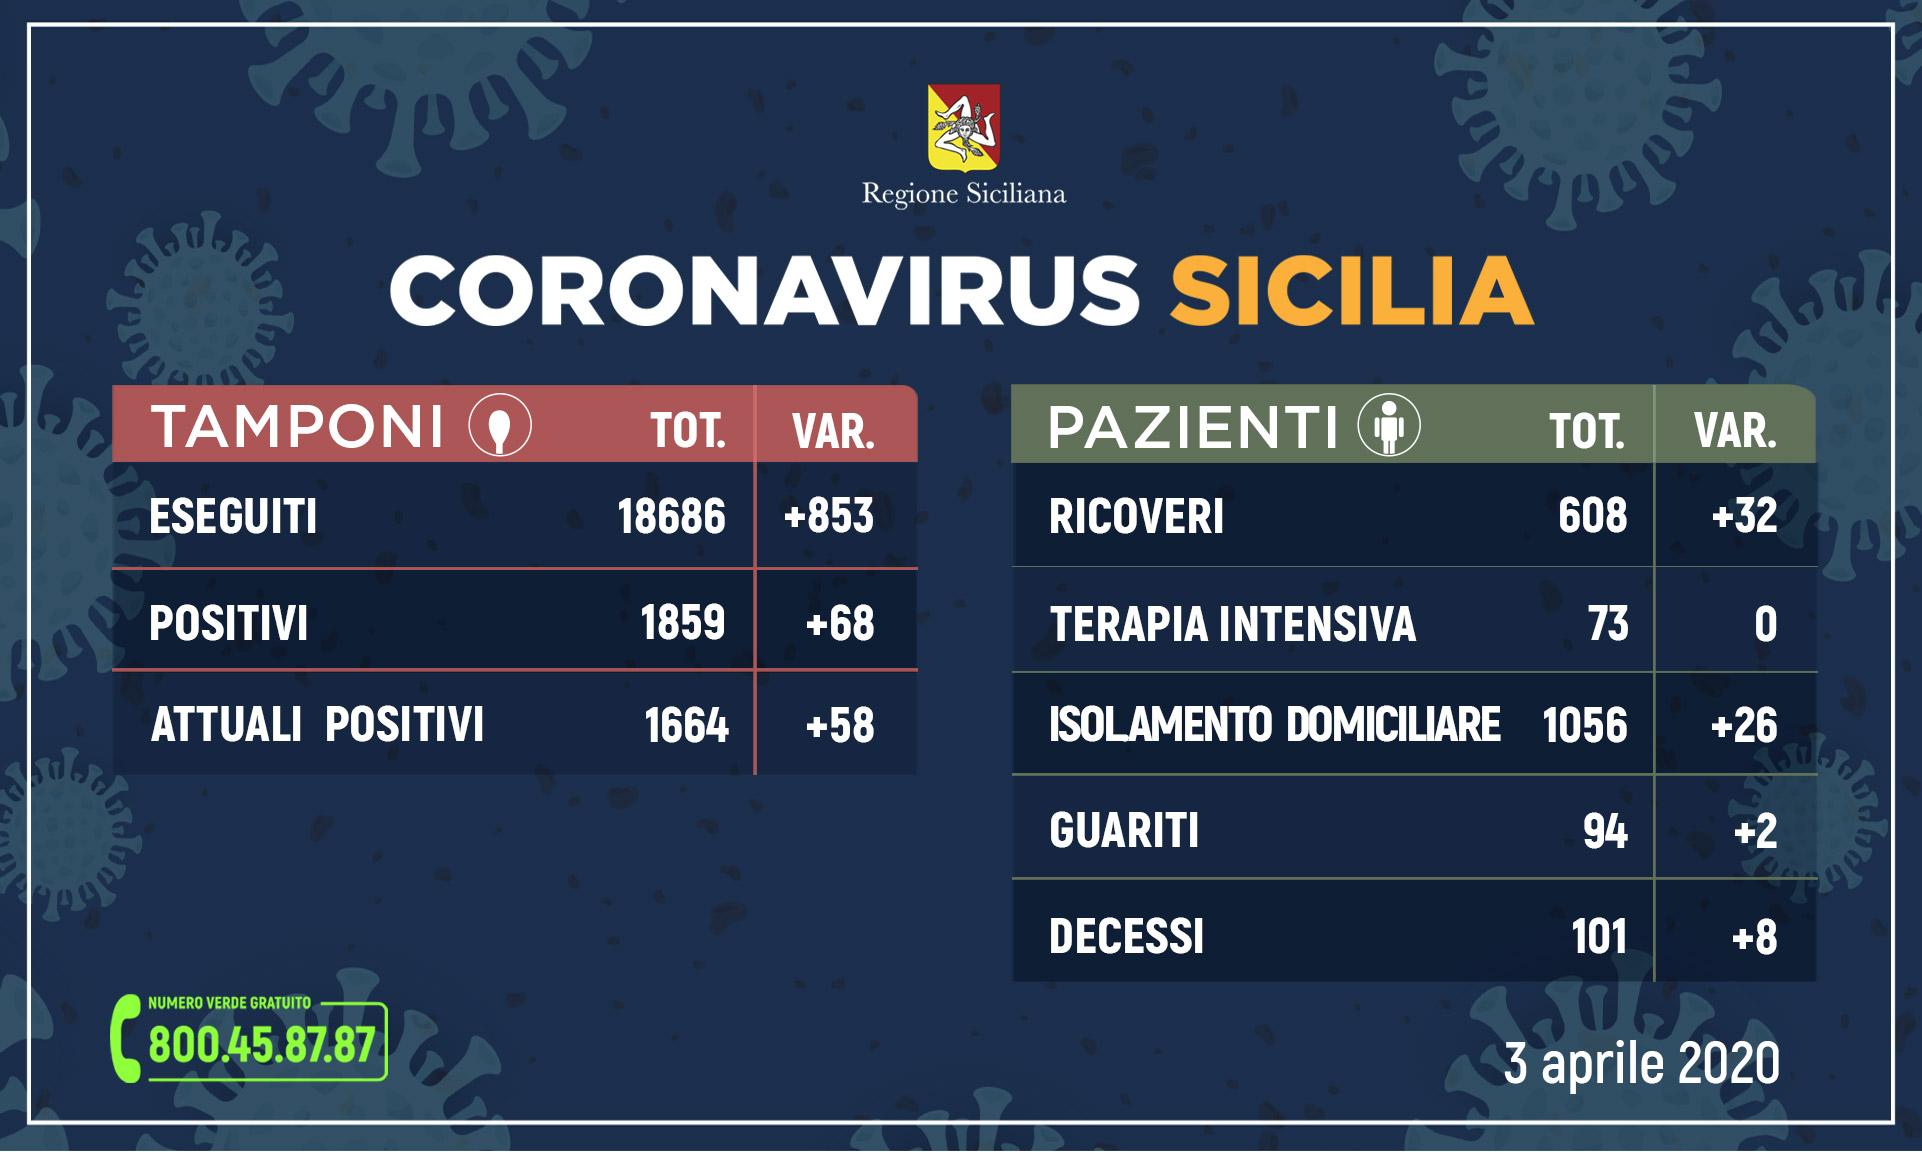 coronavirus sicilia venerdì 3 aprile 2020 (2)